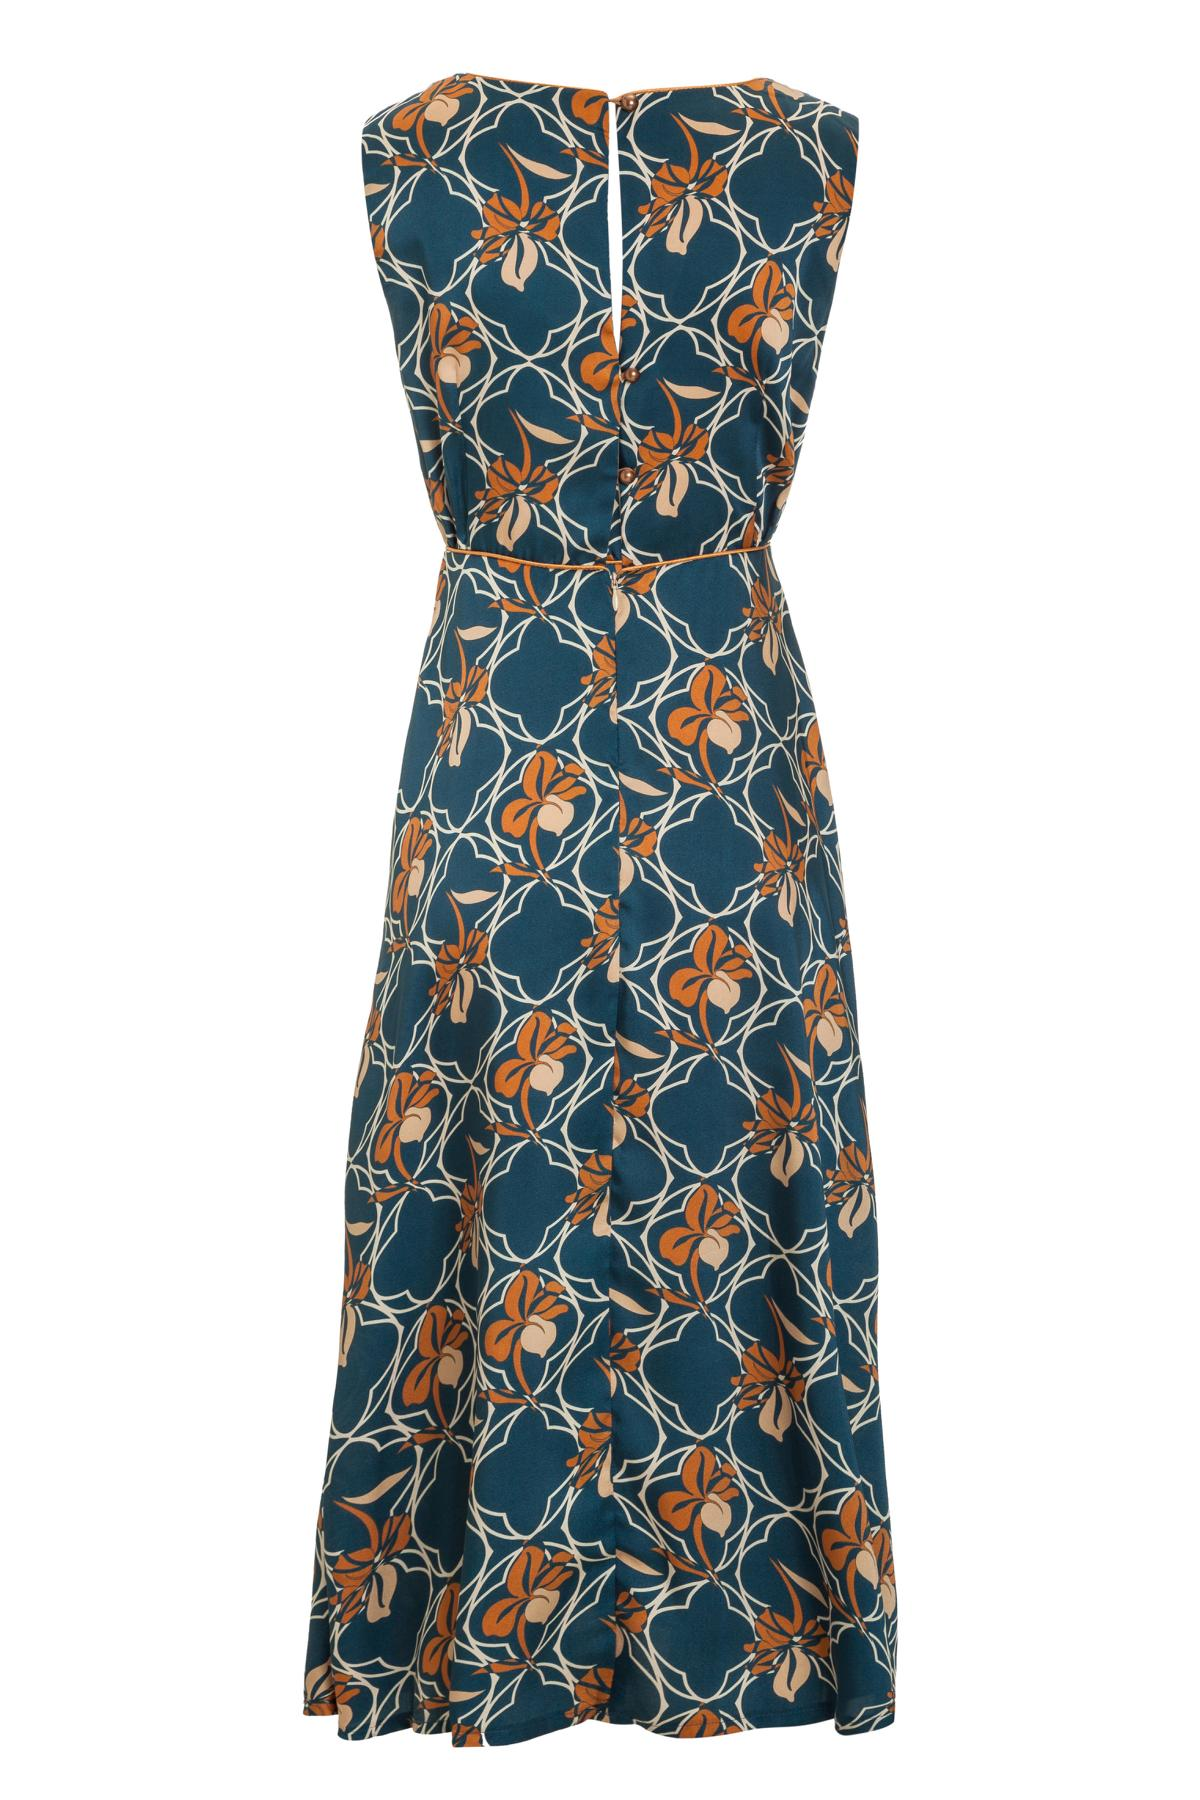 Rückansicht von Ana Alcazar Midi Kleid Manexis